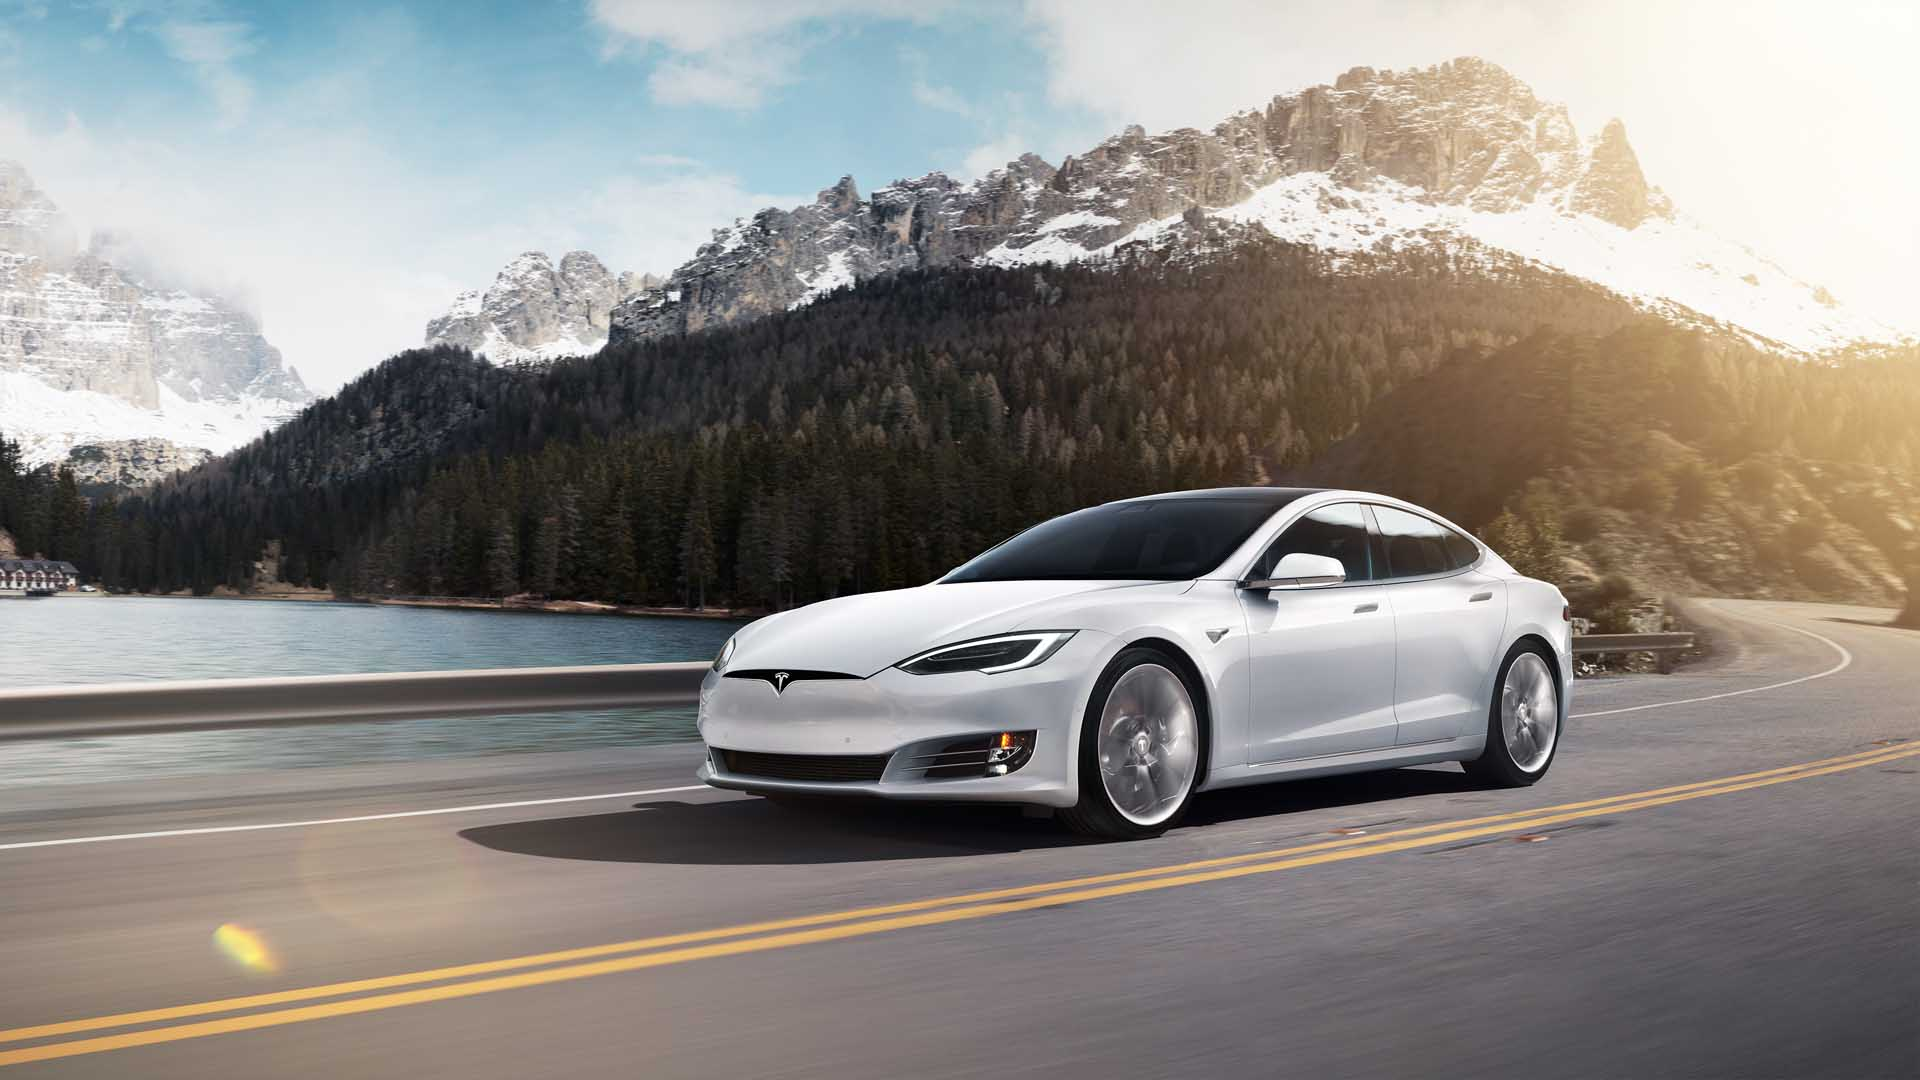 Tesla Model S South Africa